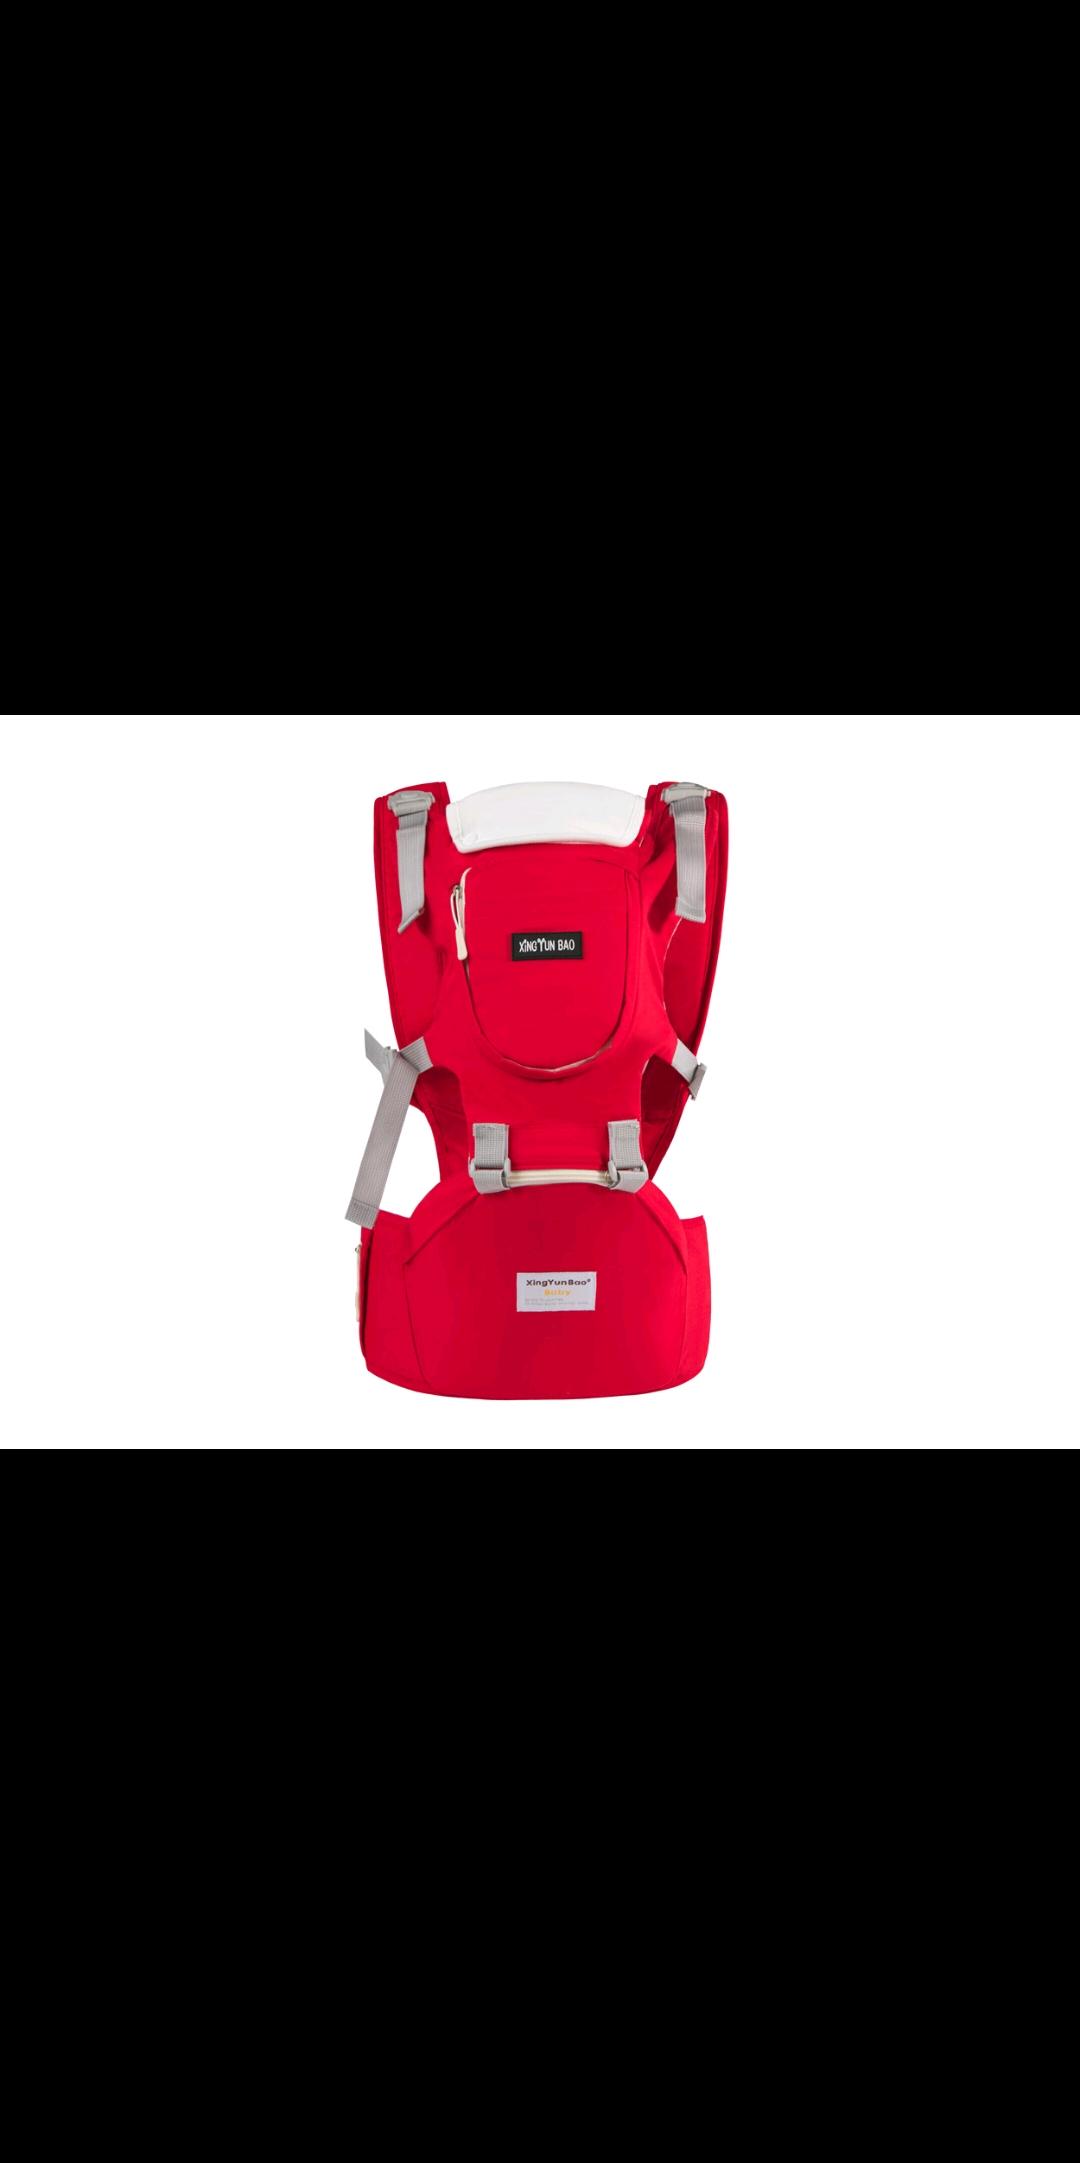 星韵宝厂家直销婴儿背带腰凳前抱式多功四季通用透气宝宝背带抱凳